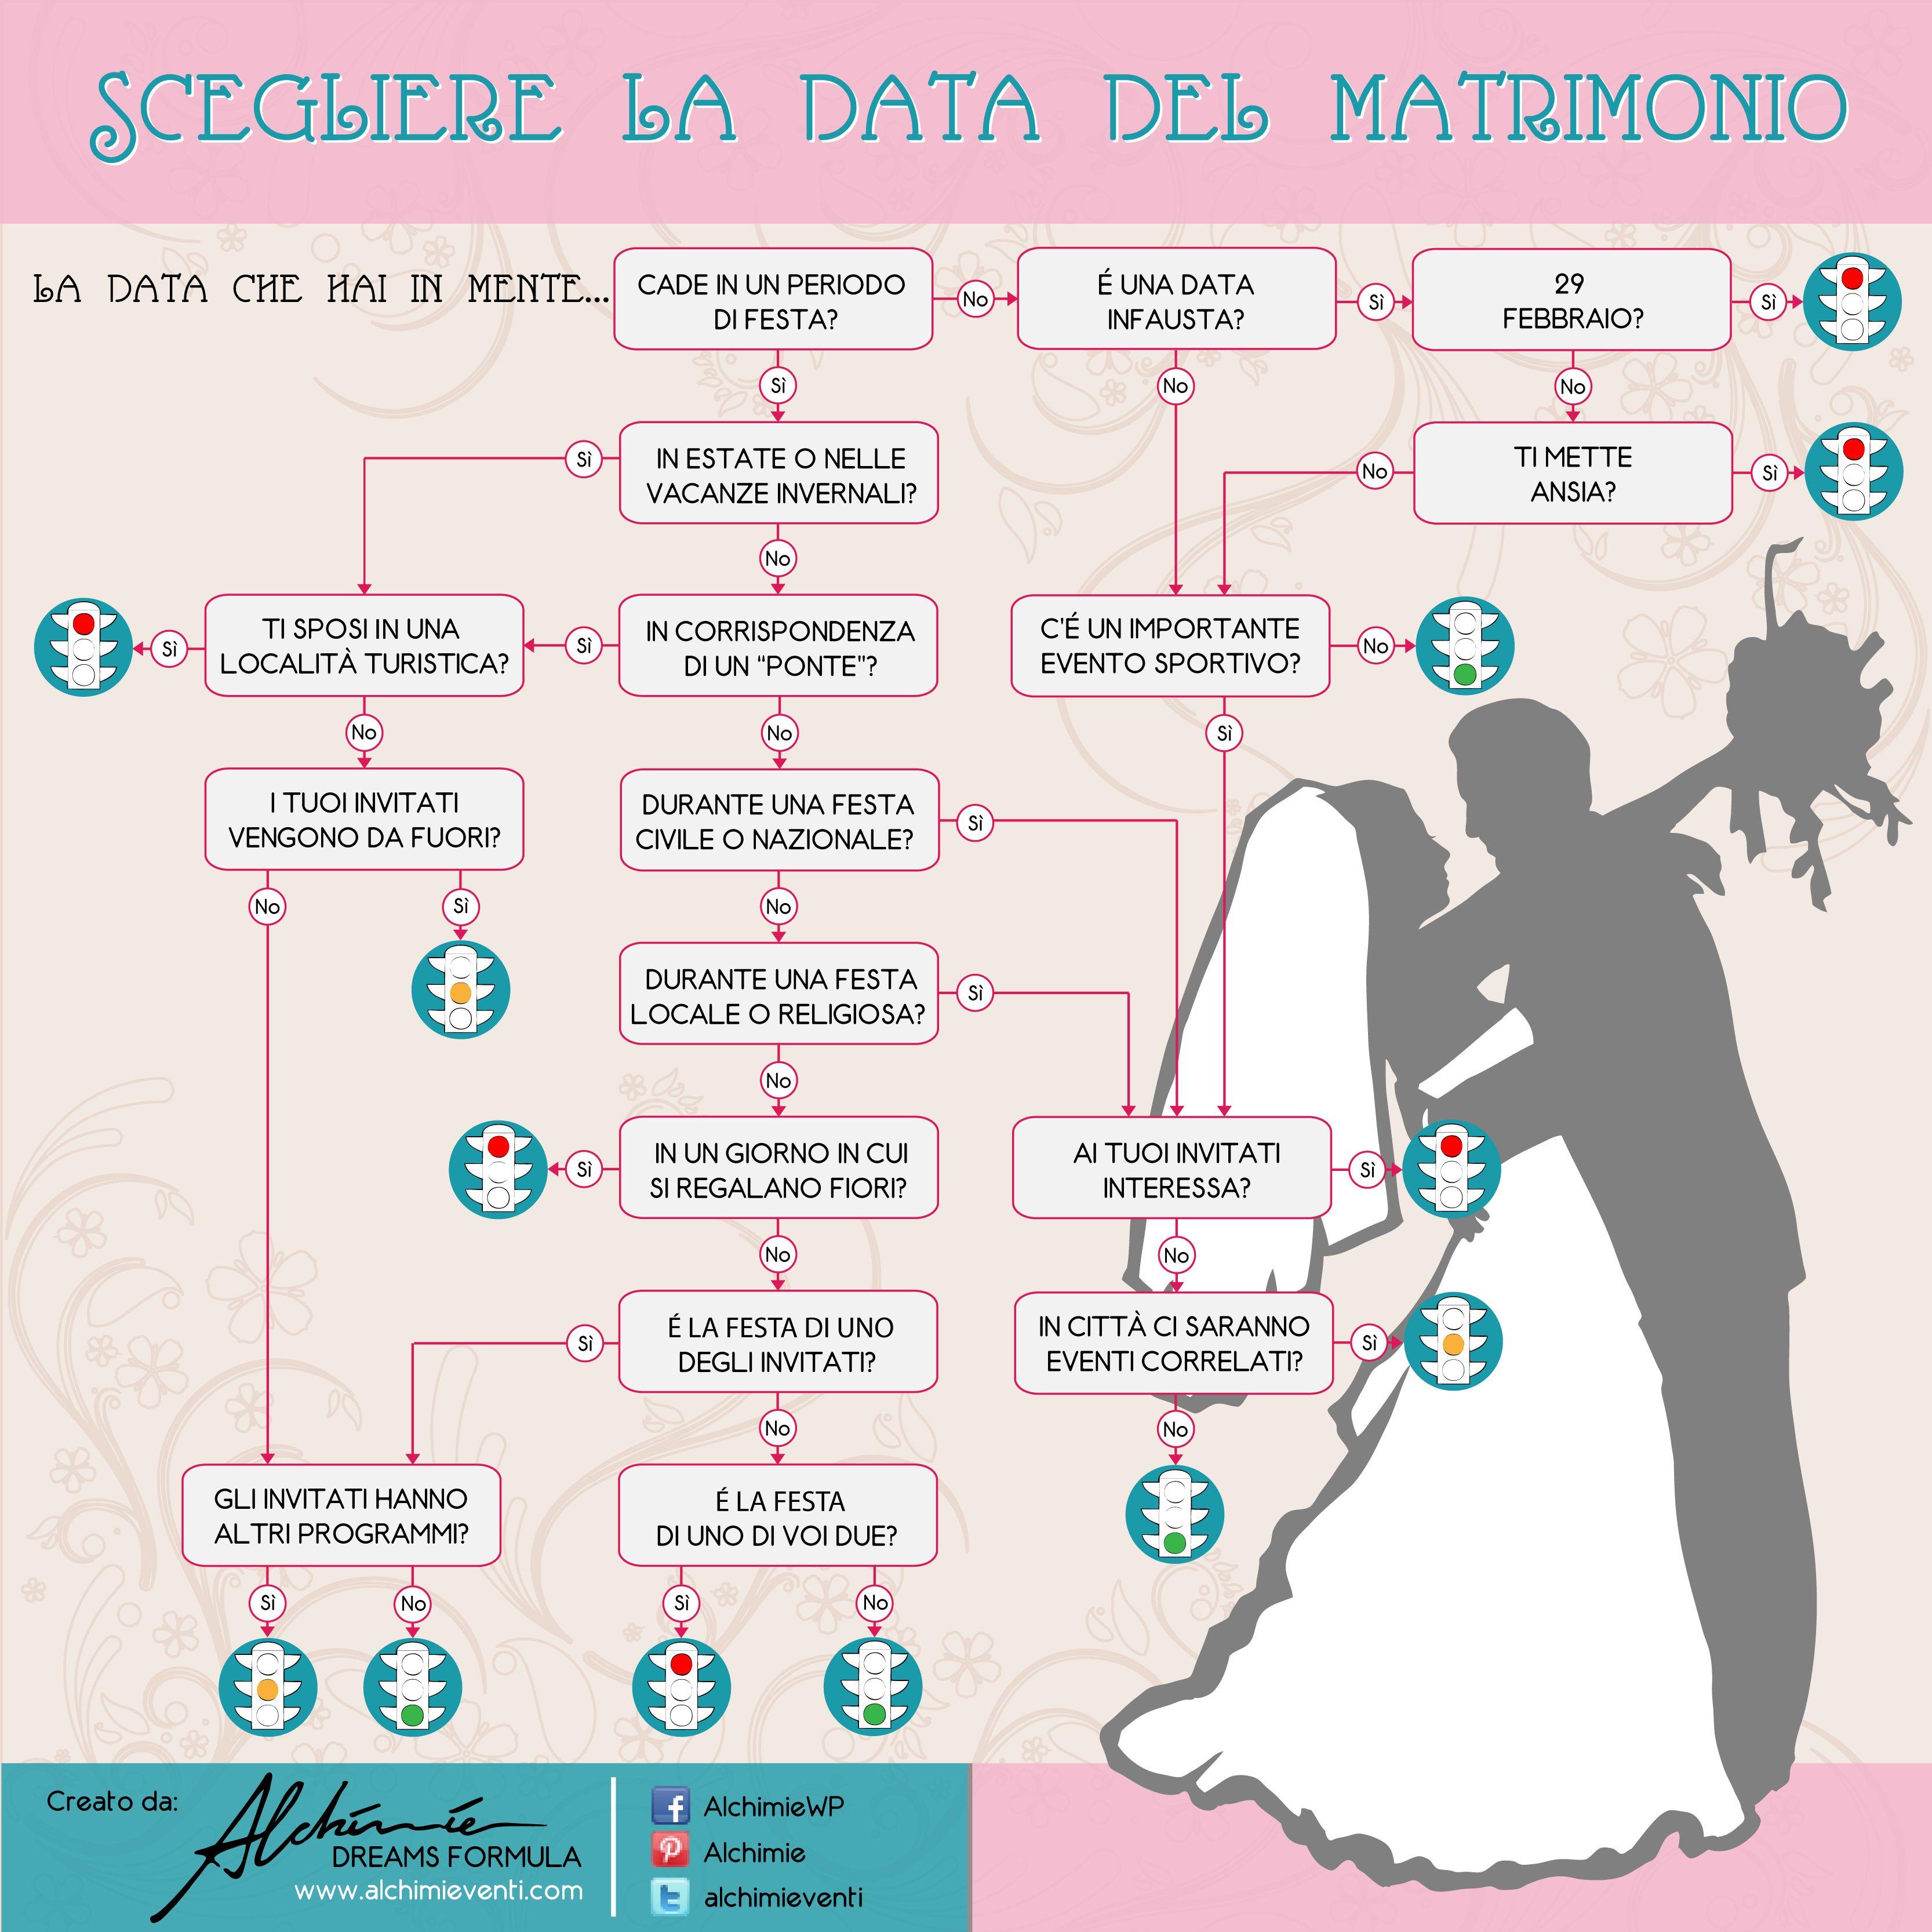 Scegliere La Data Del Matrimonio Date Da Evitare La Data Del Matrimonio Matrimonio Pianificazione Matrimoni